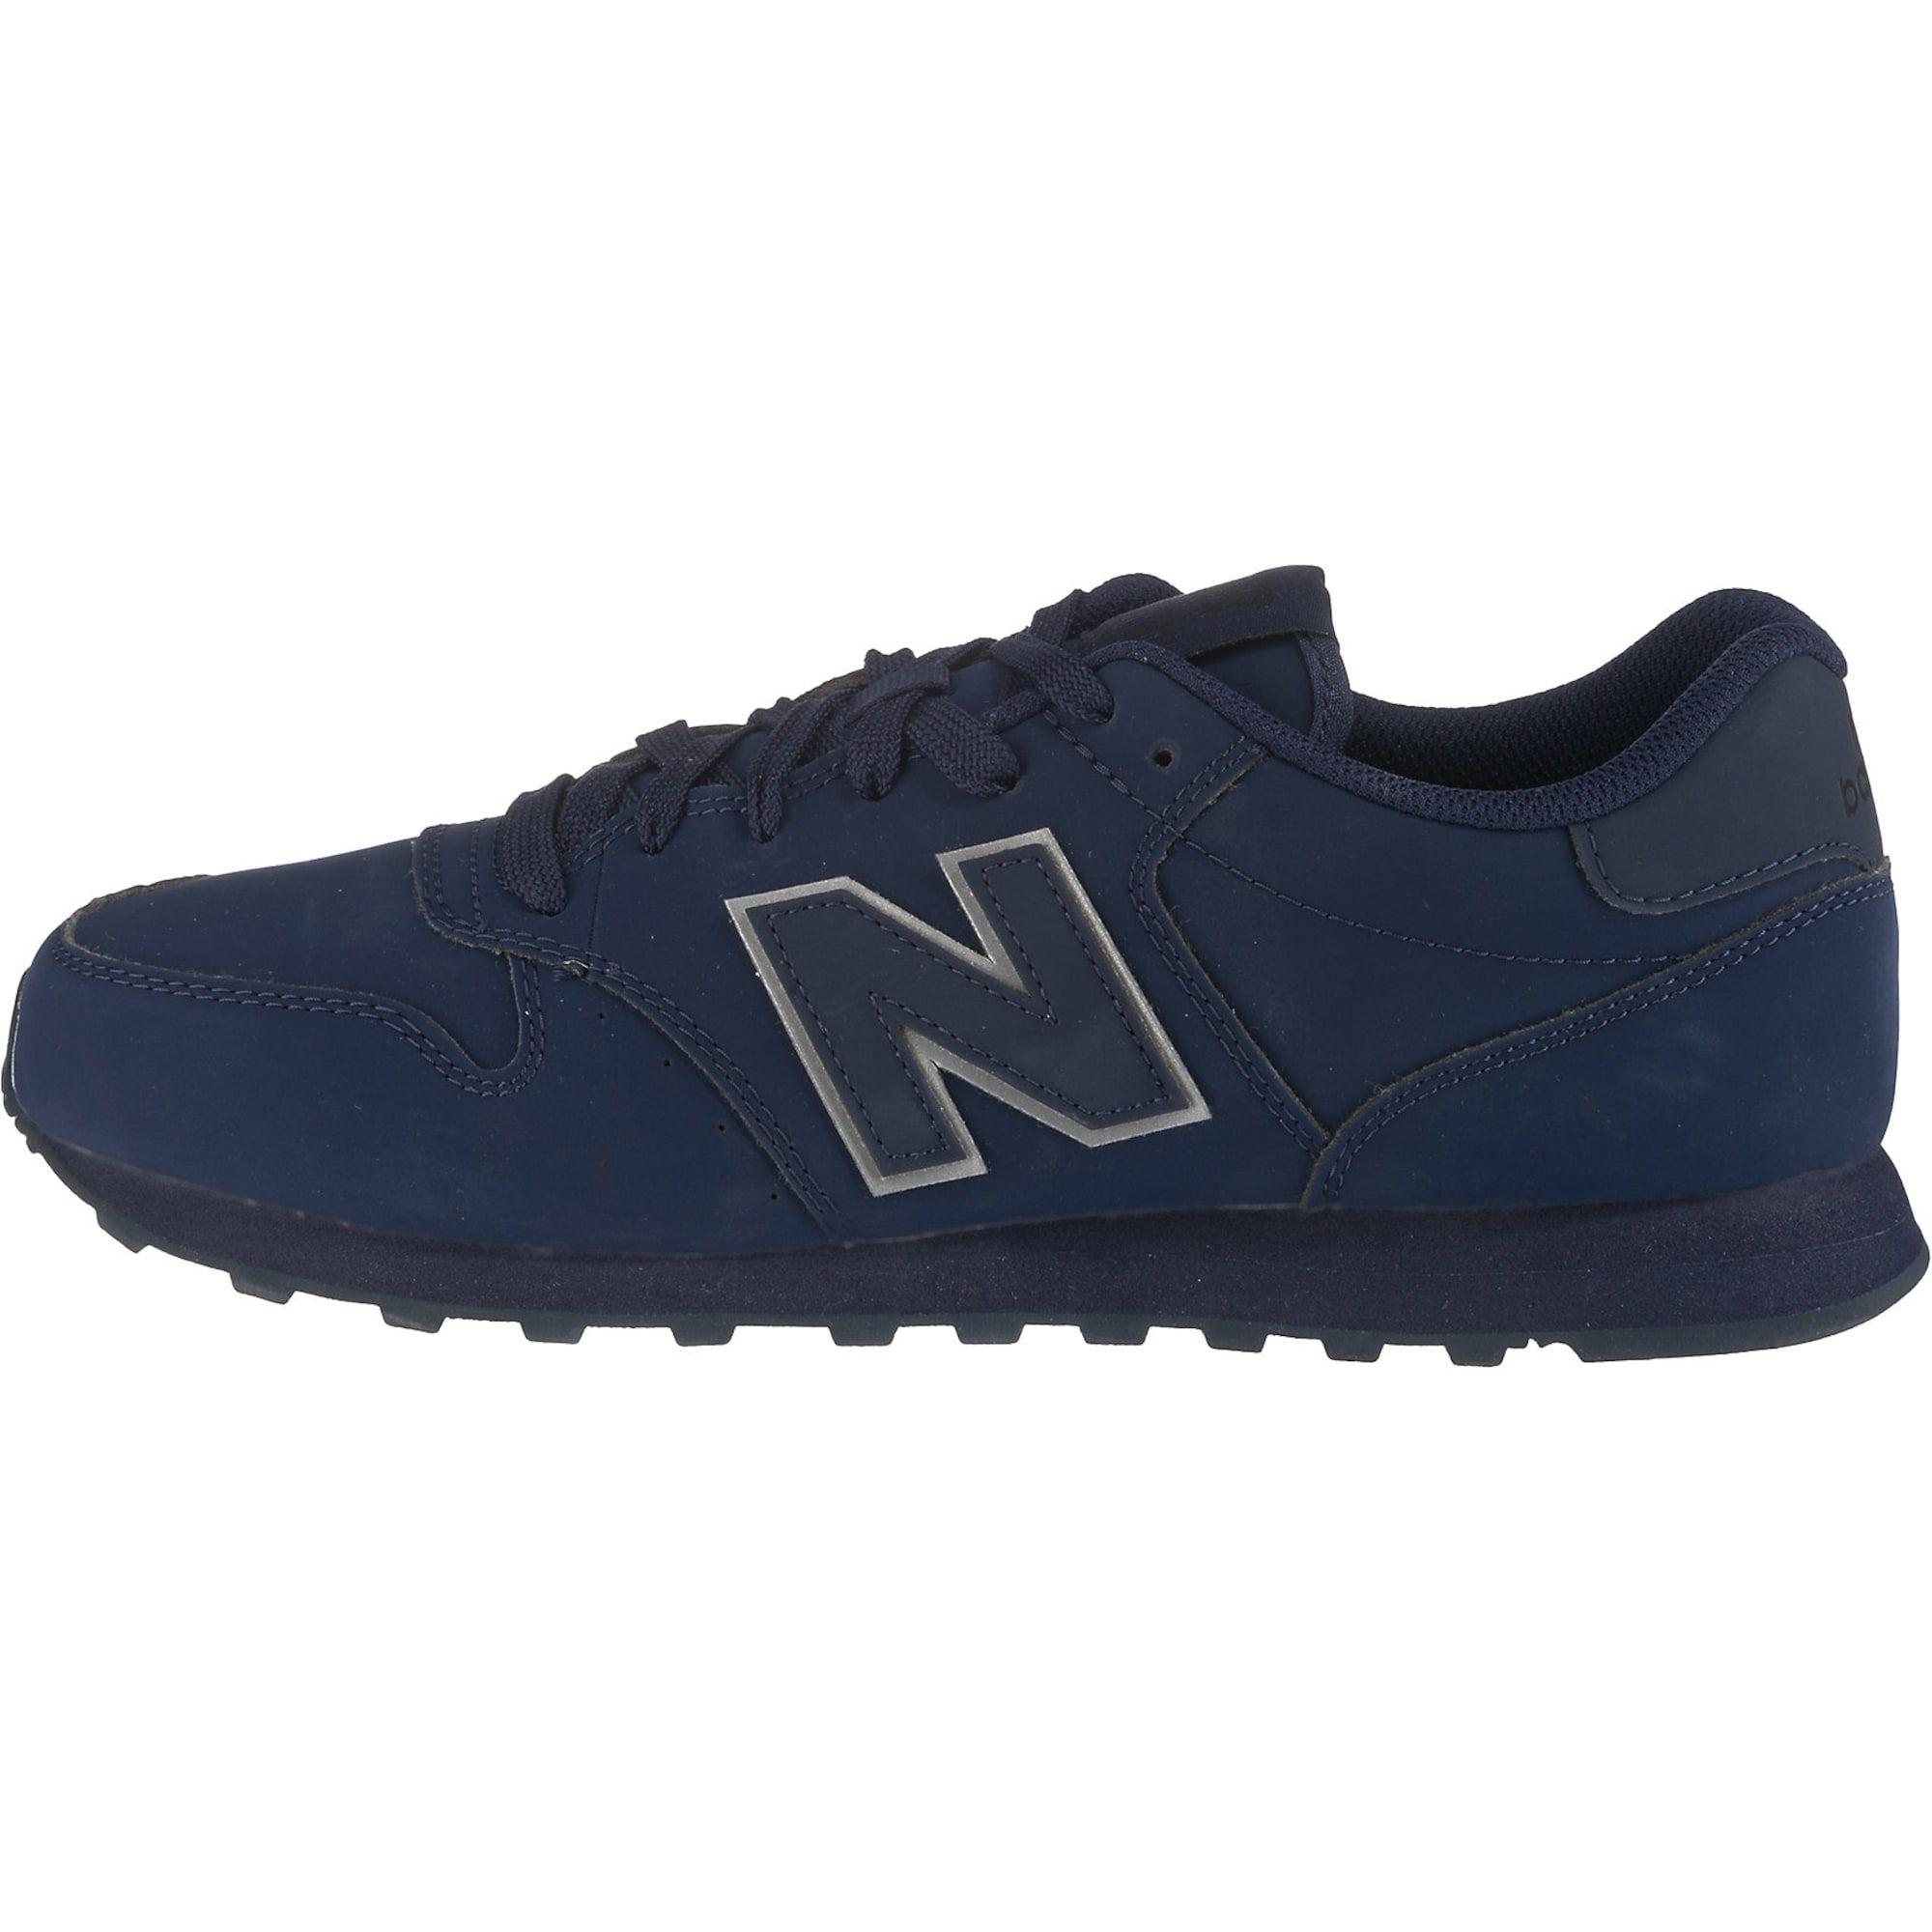 New Balance Sneaker Herren, Navy / Weiß, Größe 42.5 ...